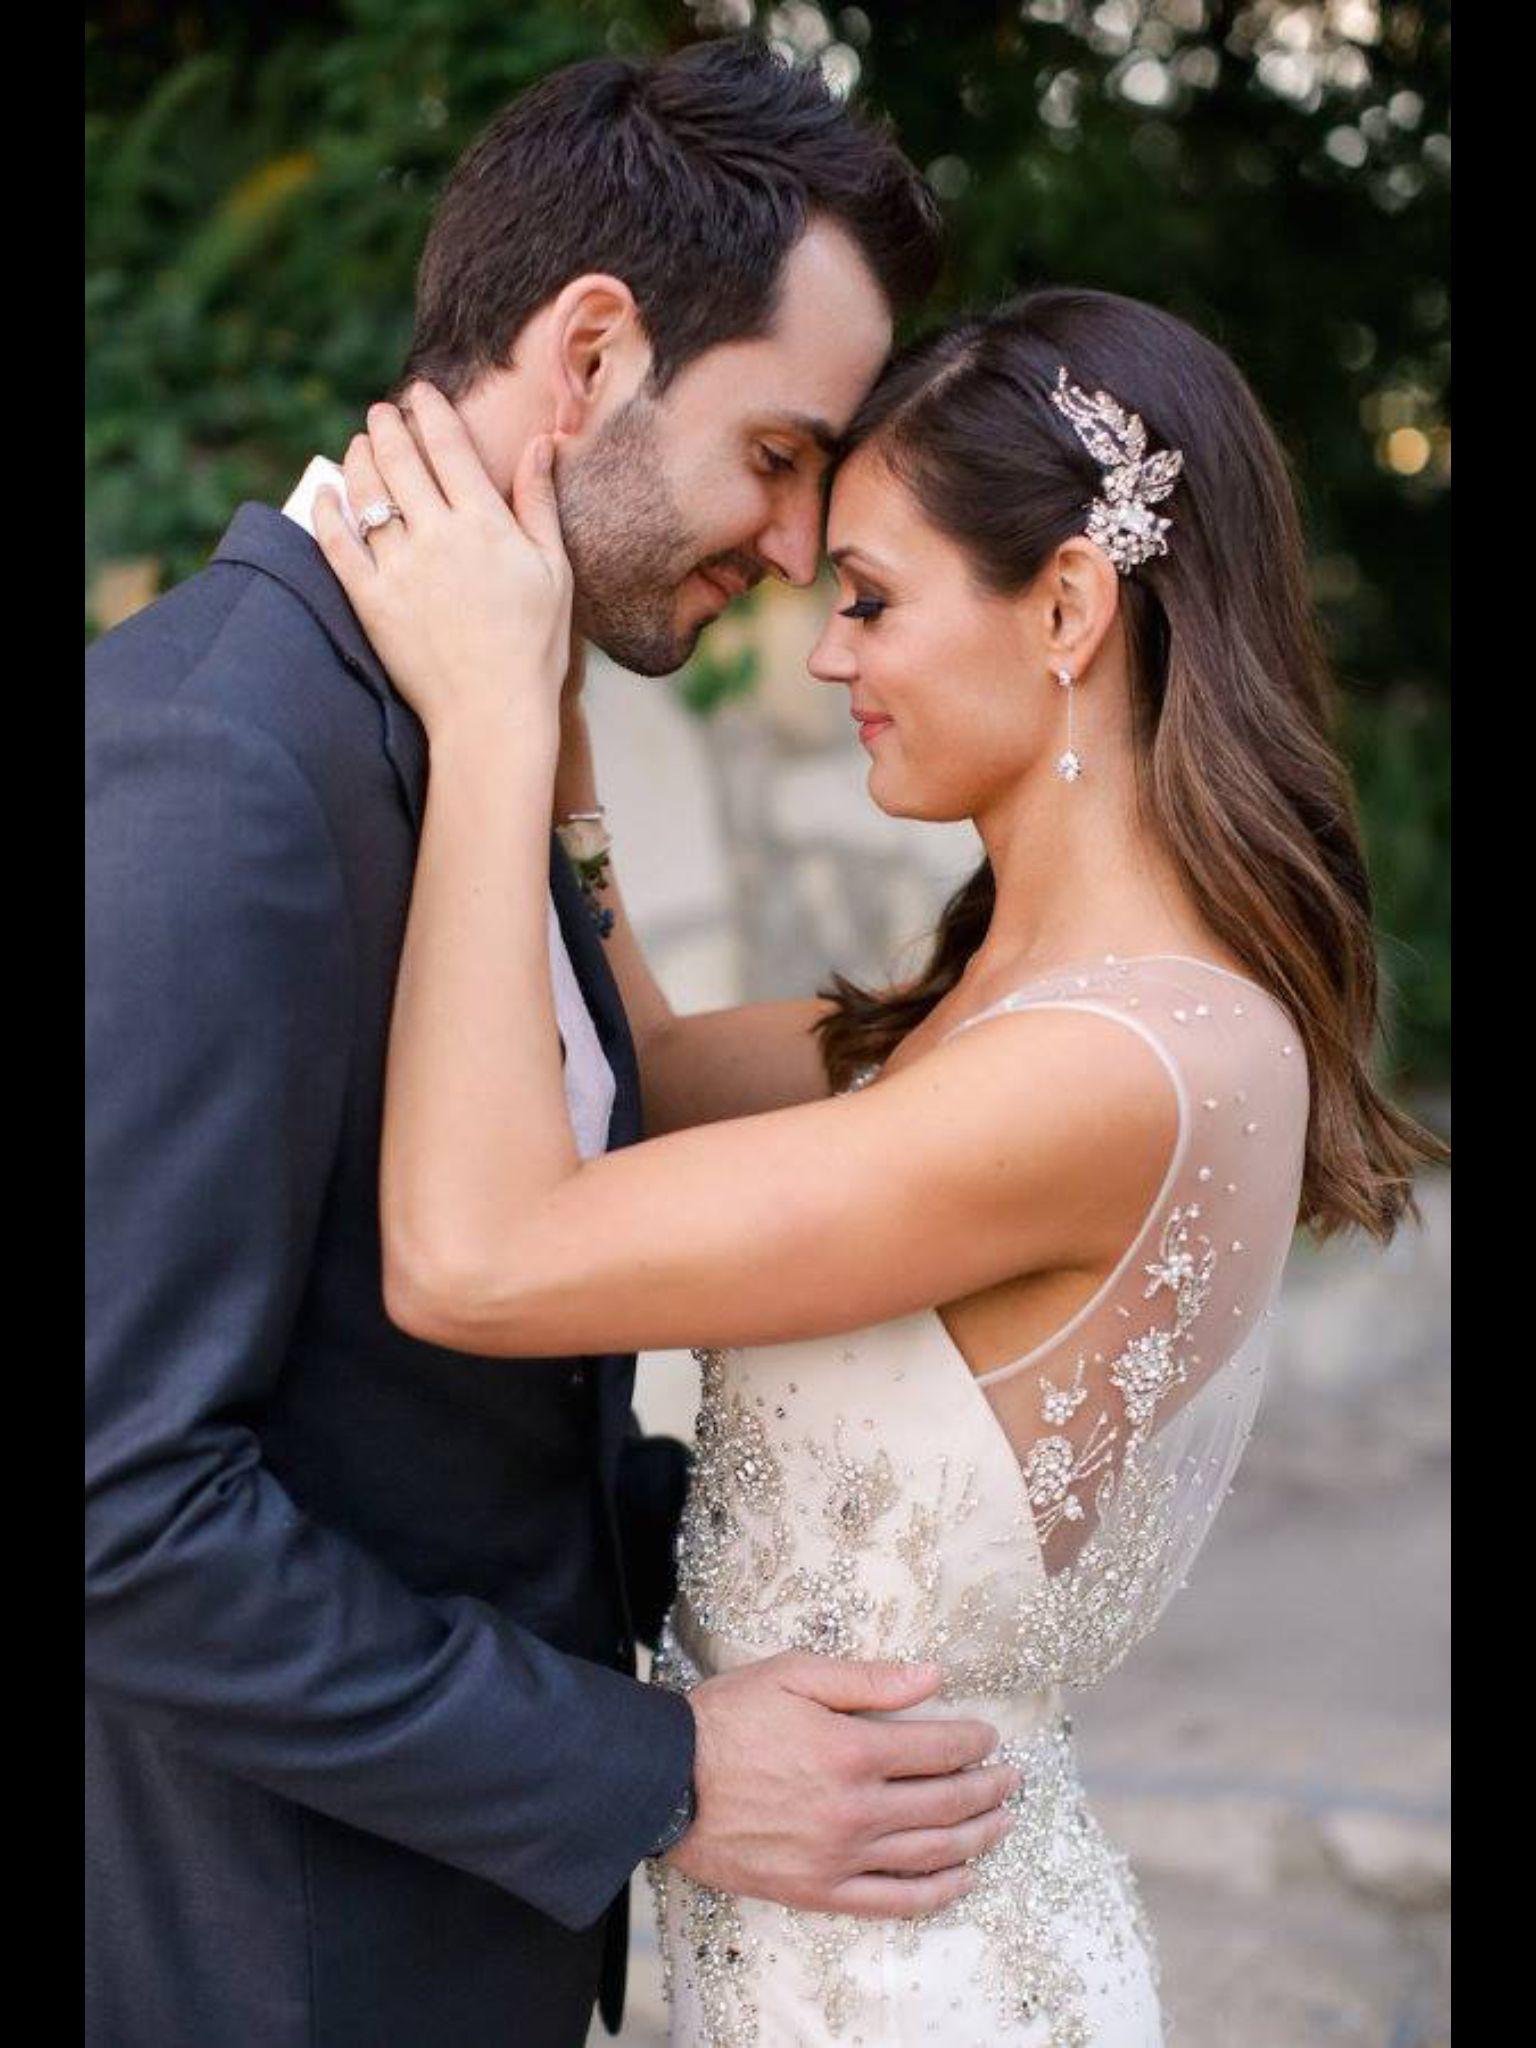 pin by ashley brennan on dreamwedding in 2019 | wedding